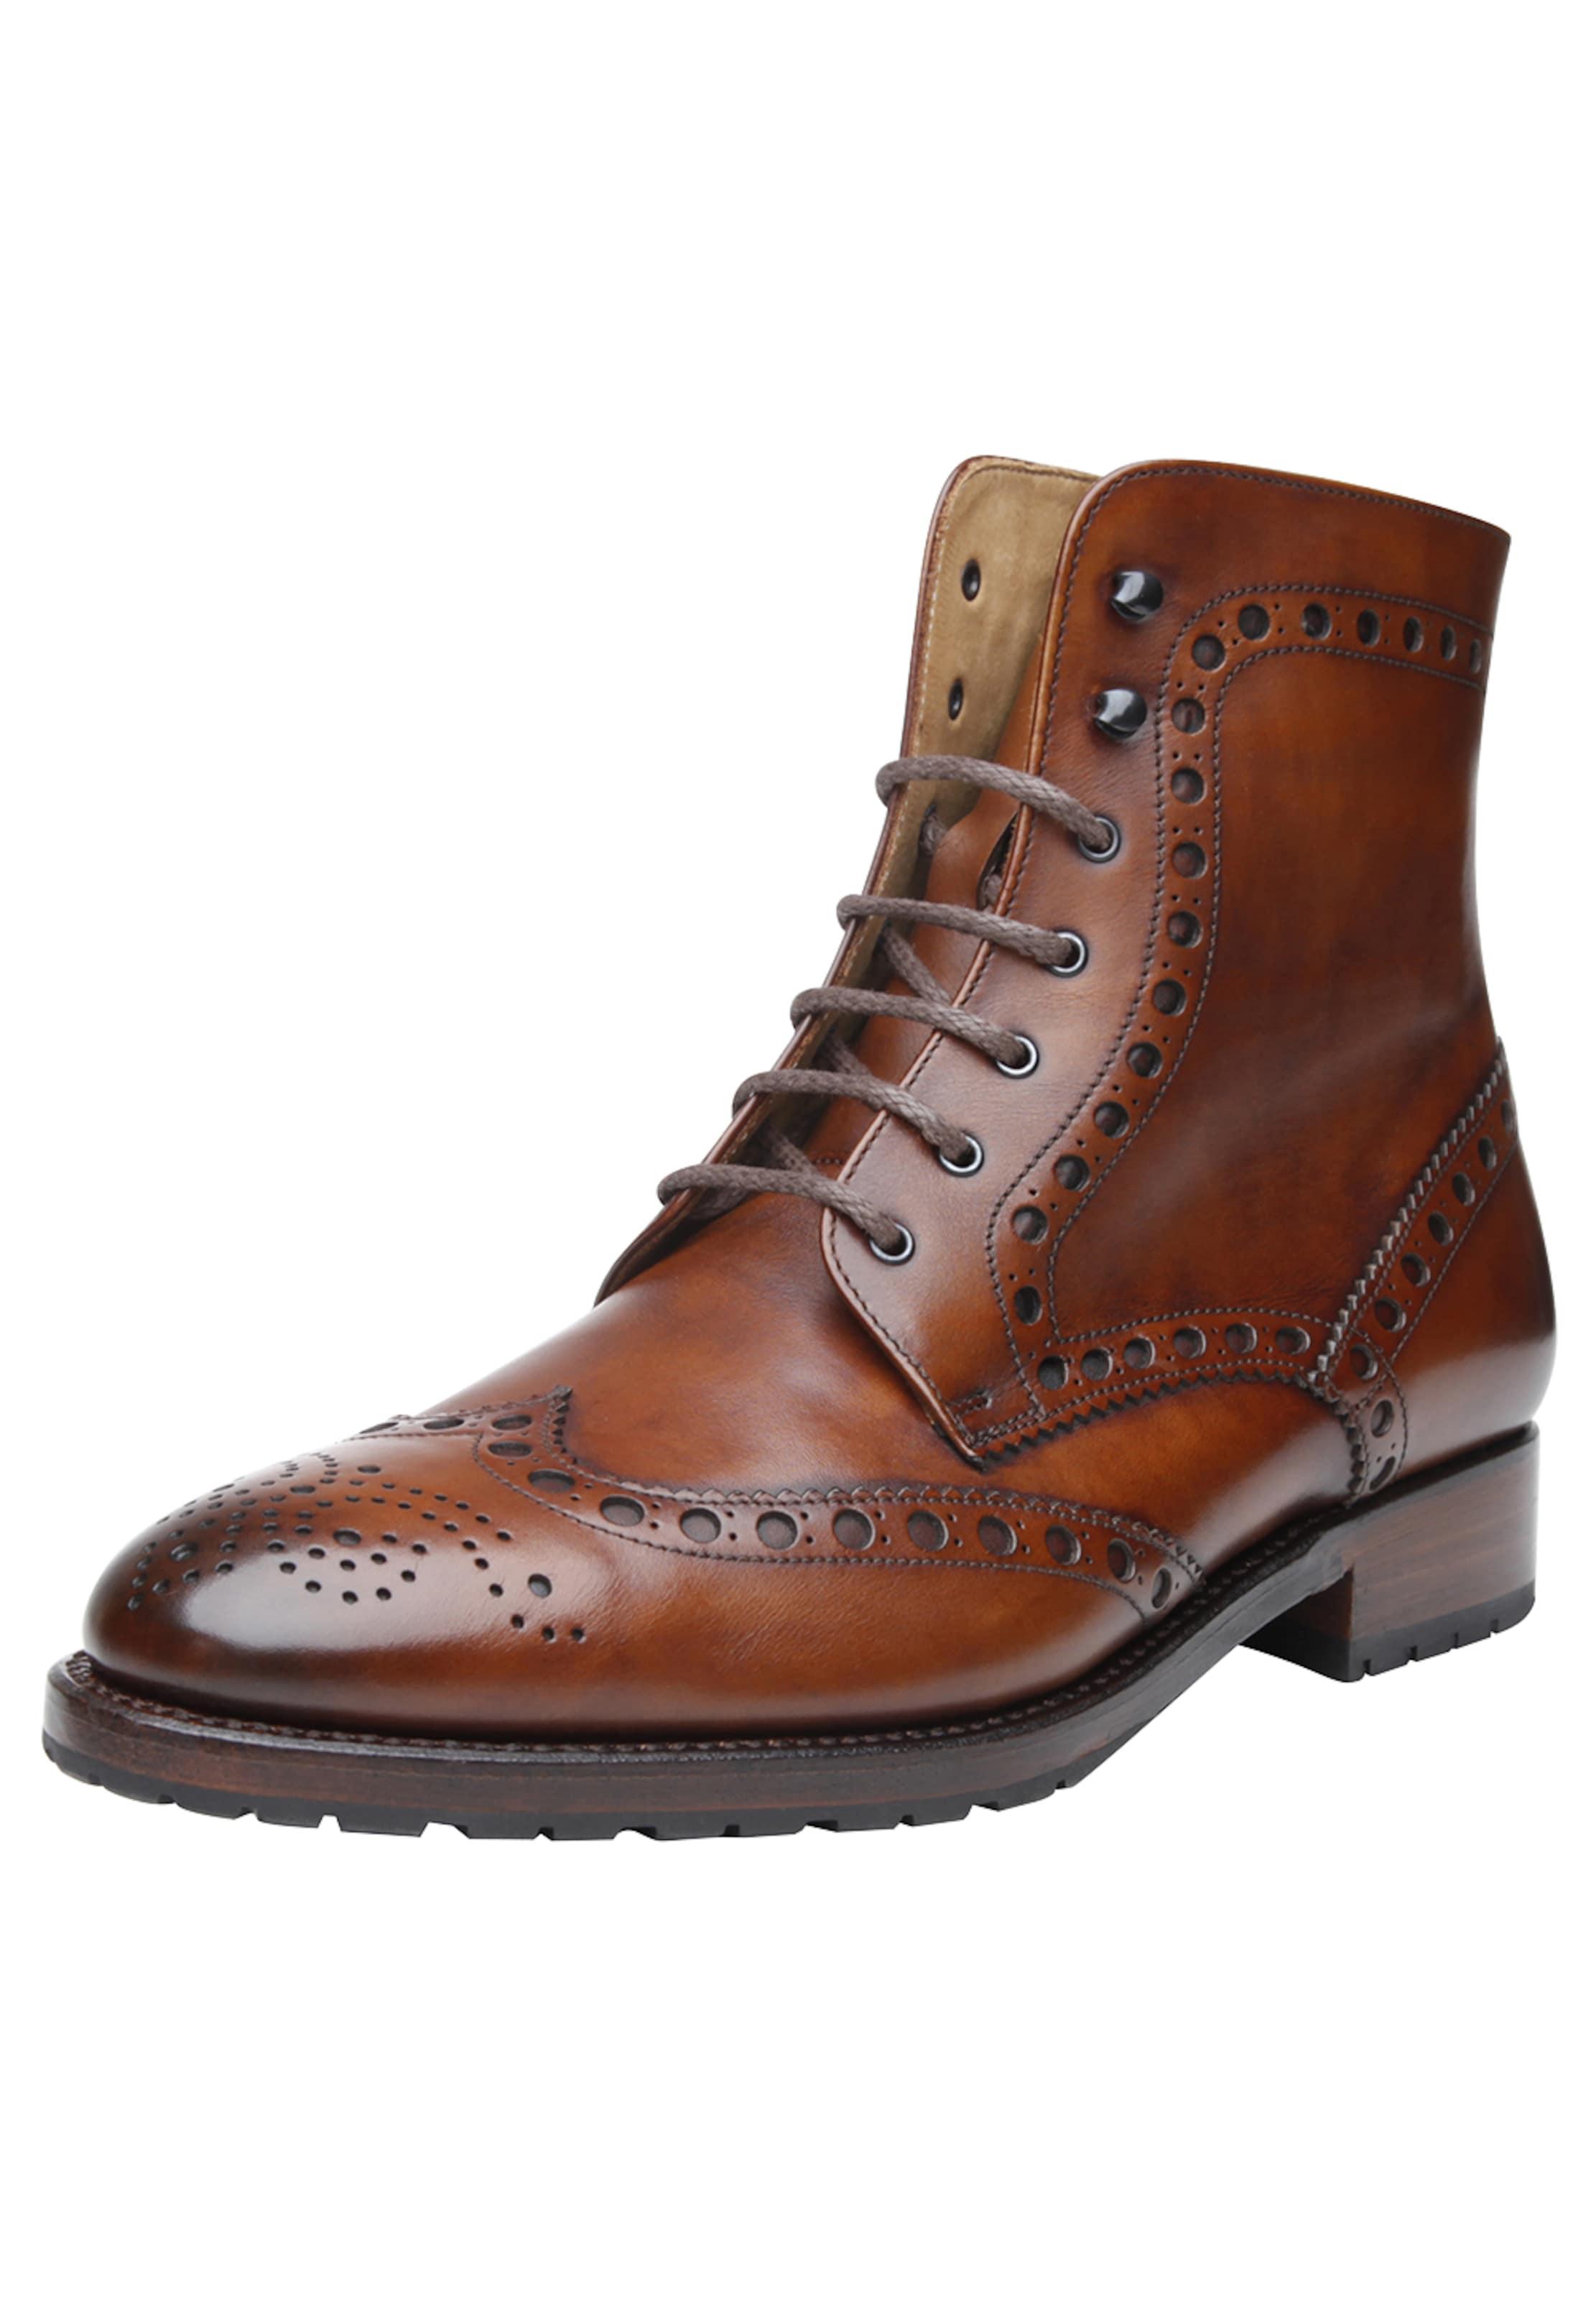 SHOEPASSION Schnürboots No. 667 Verschleißfeste billige Schuhe